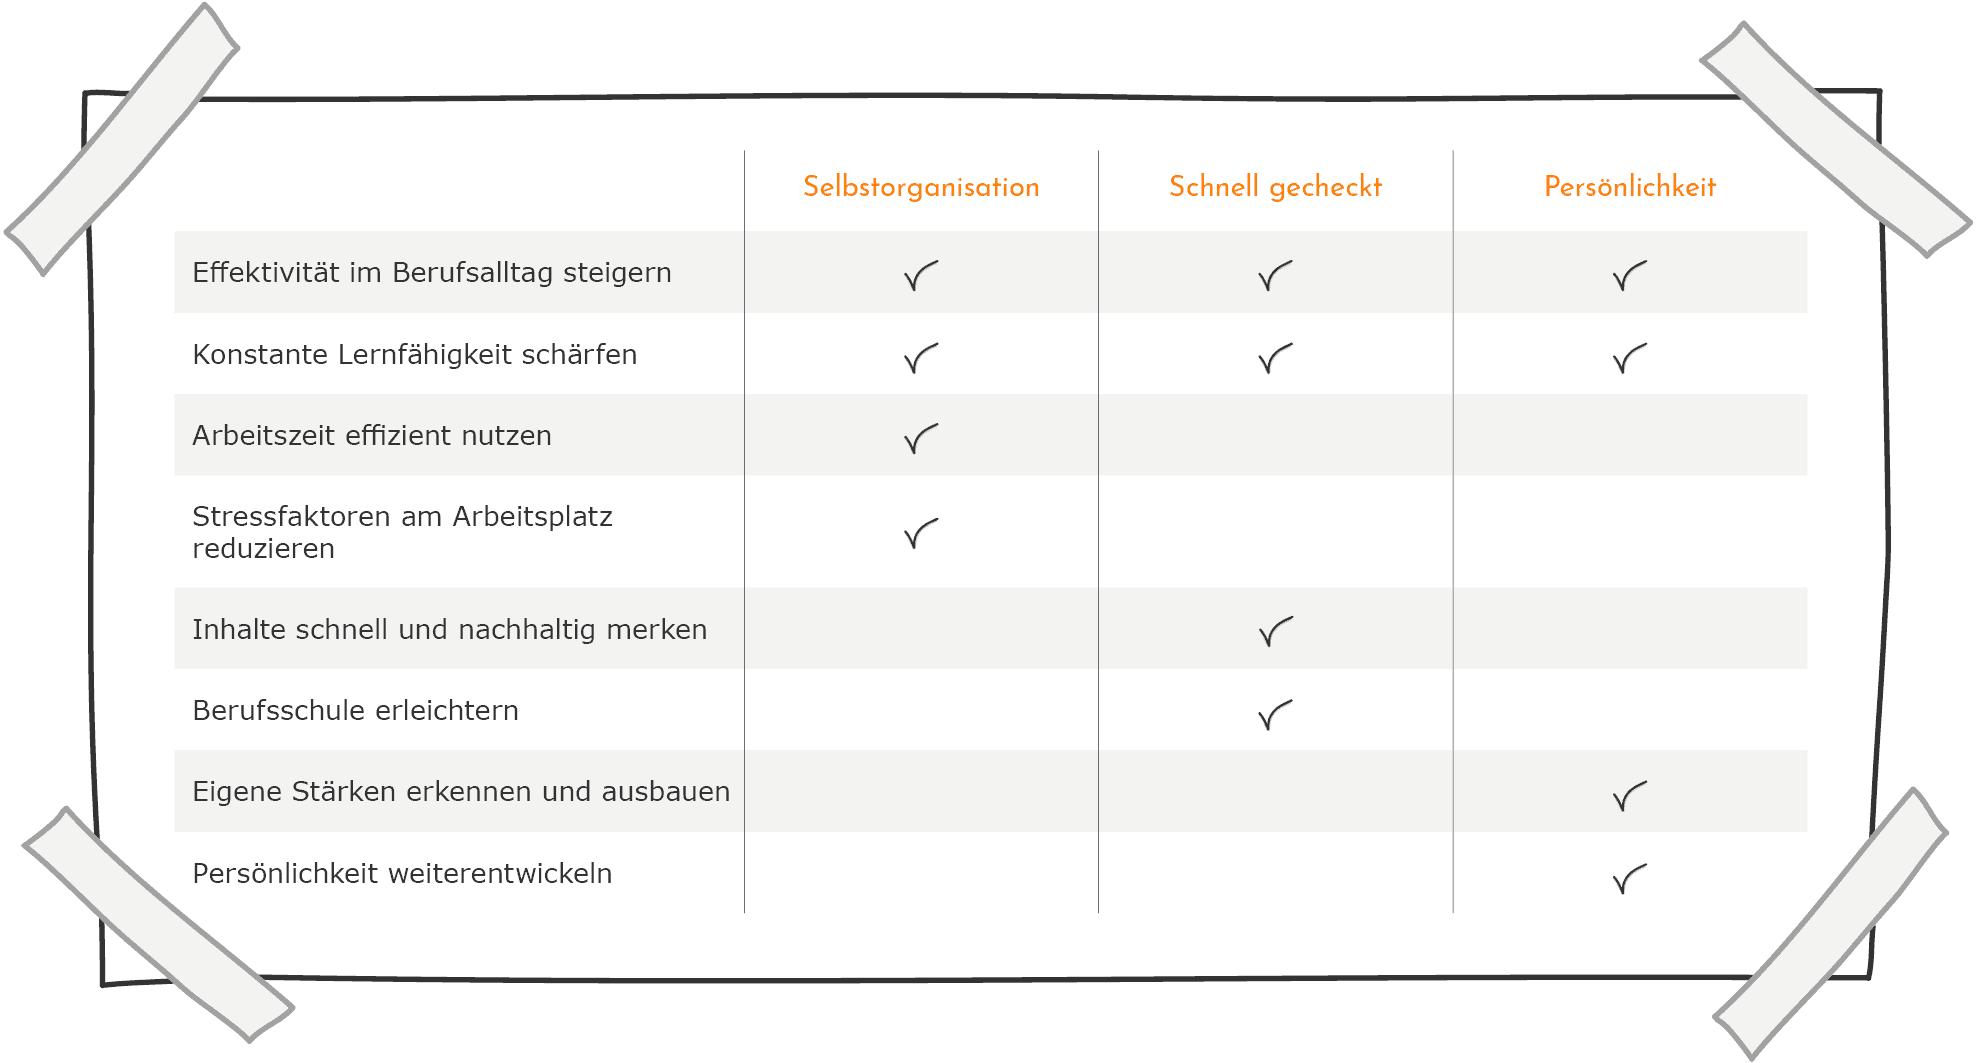 Performance & Lernen - Inhalte im Vergleich